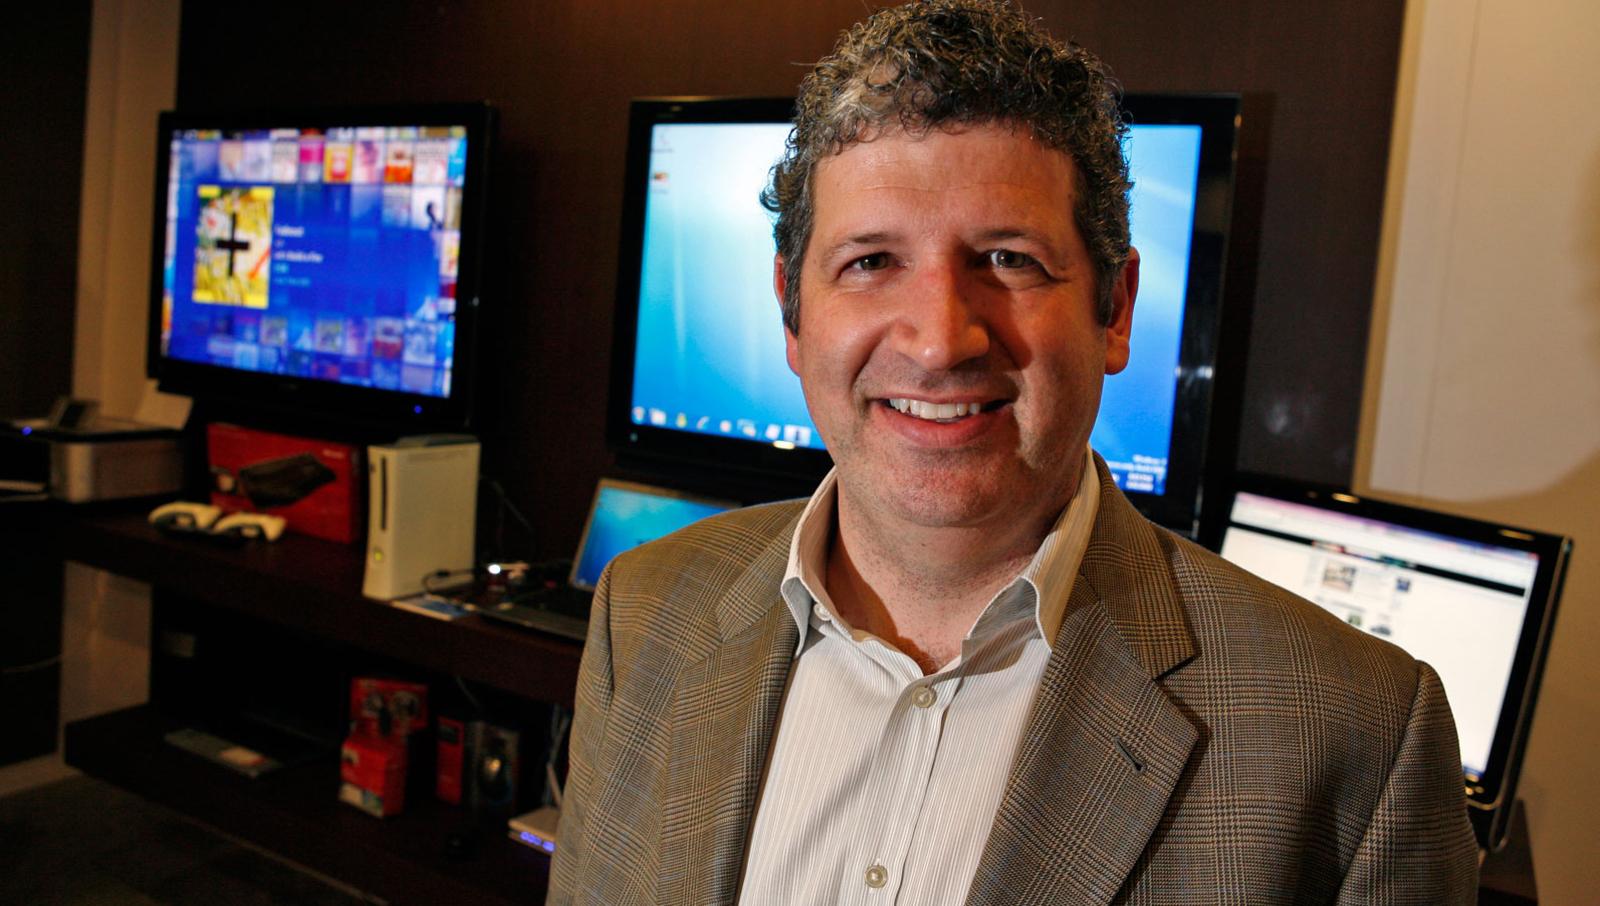 Darren Houston tror Windows kommer til å stå i sentrum for en ny medierevolusjon.